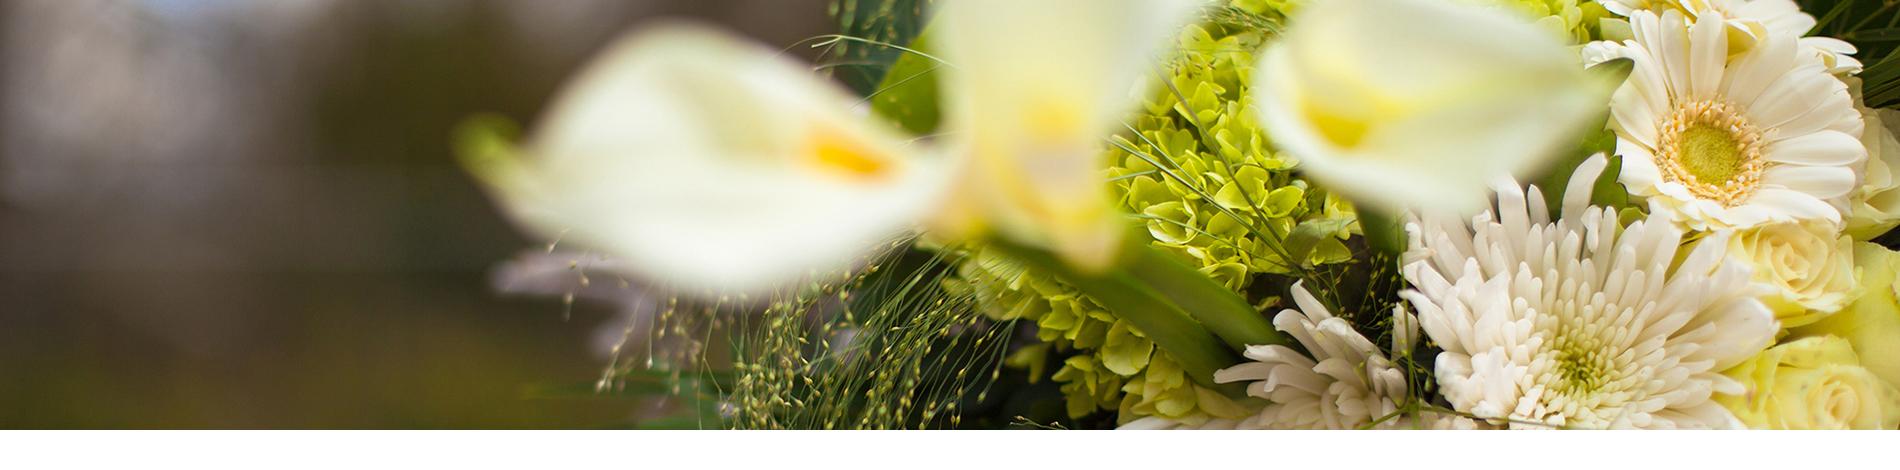 Bij Uitvaartverzorging Donker verzorgen wij graag voor u een prachtig passend bloemenarrangement voor op de kist van uw overleden dierbare. En zorgen ook dat de bloemen mooi blijven.